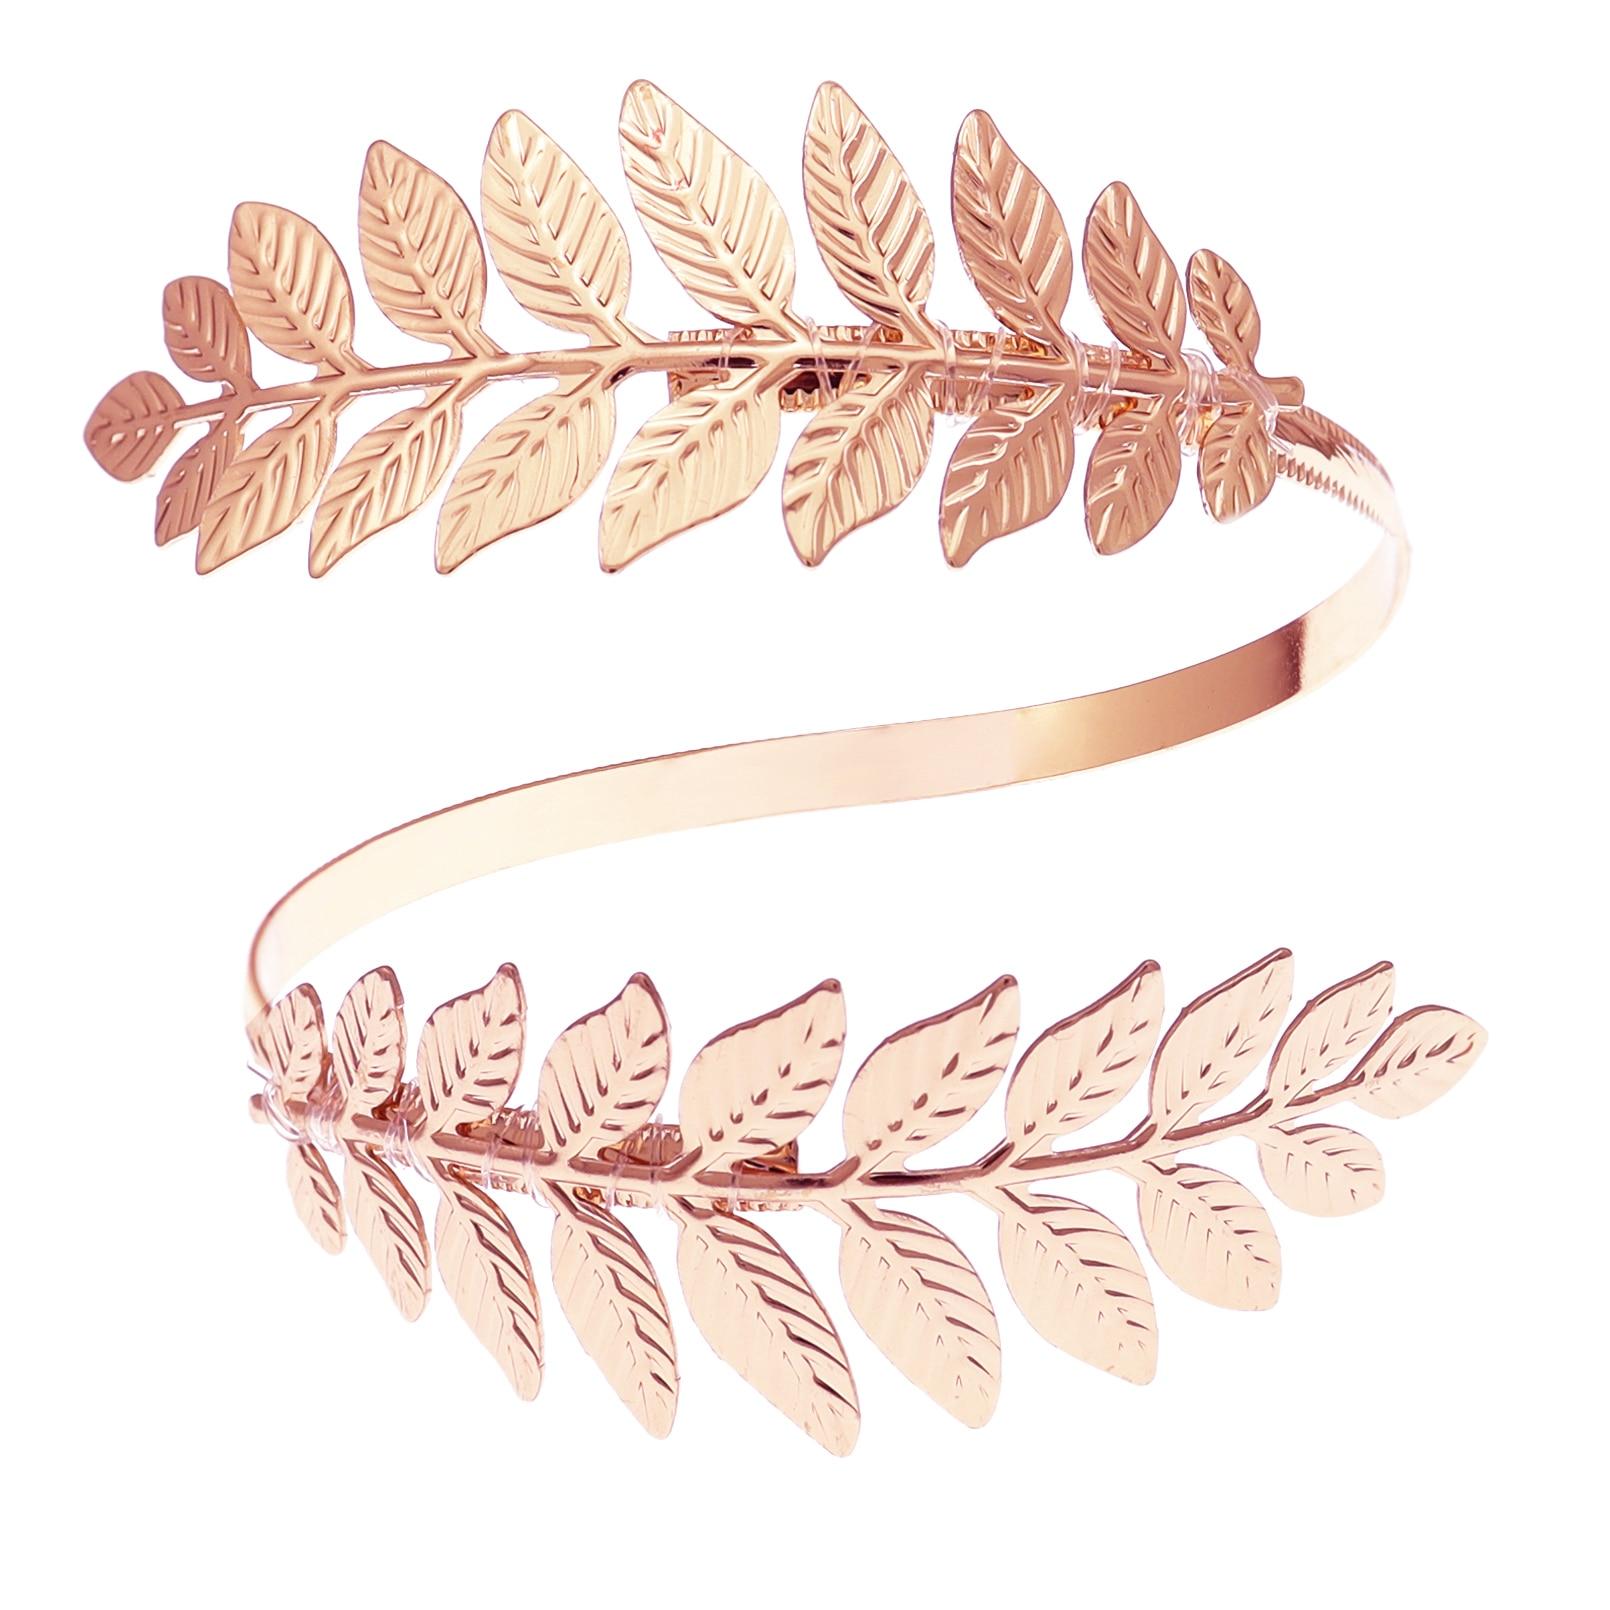 H78d5b48b63654735b33984160fd84b78W Prata banhado a ouro grego folha de louro pulseira braçadeira braço superior manguito armlet festival nupcial dança do ventre jóias